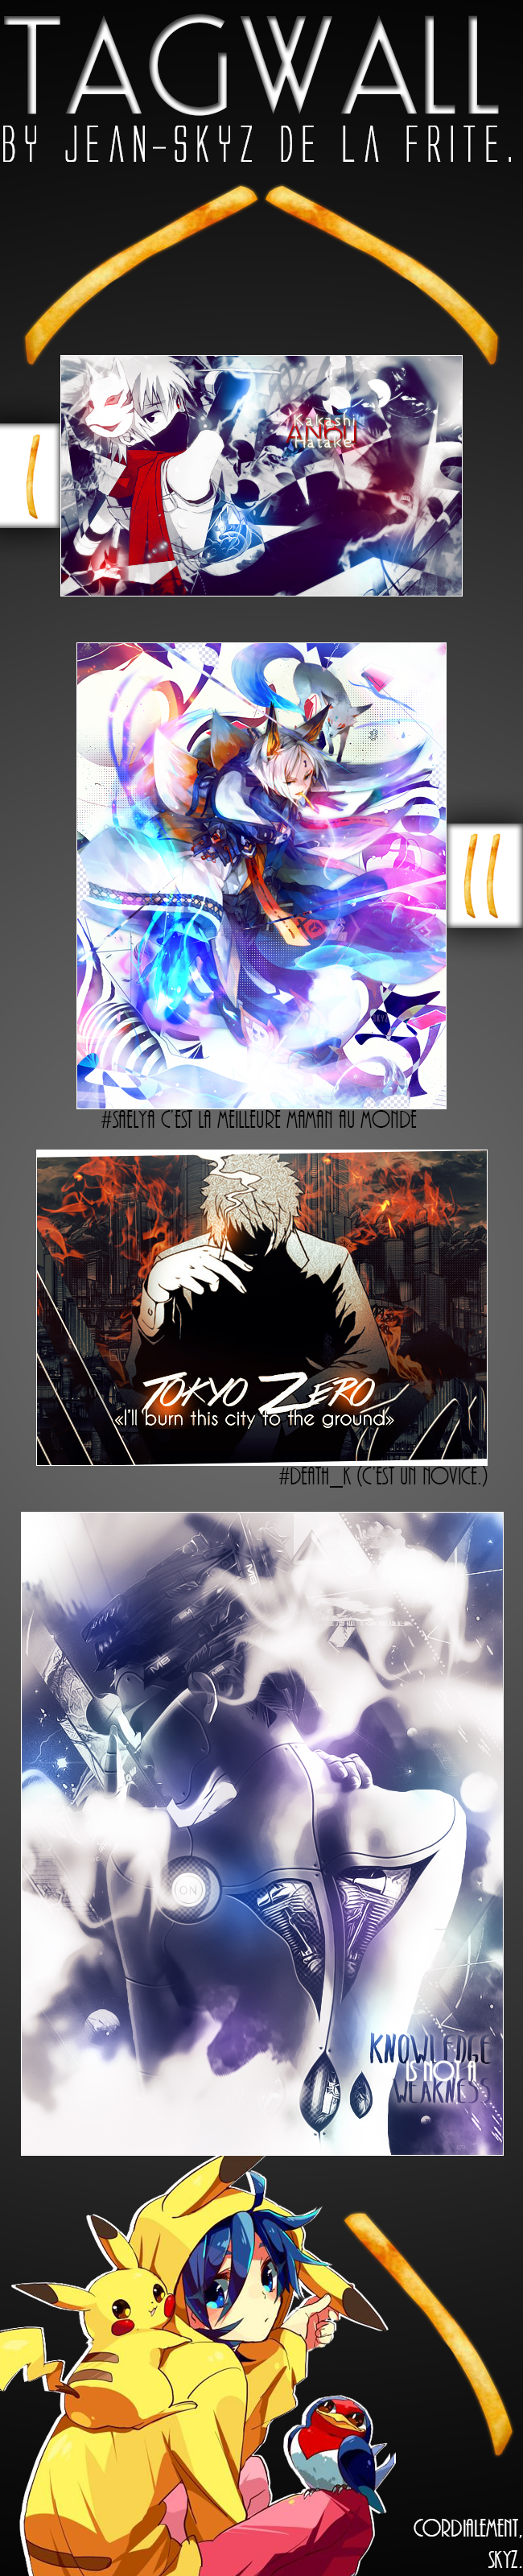 Skyz - Page 4 _tagwall__jean_skyz_de_la_frite_by_skyzouille-d9vjmsr